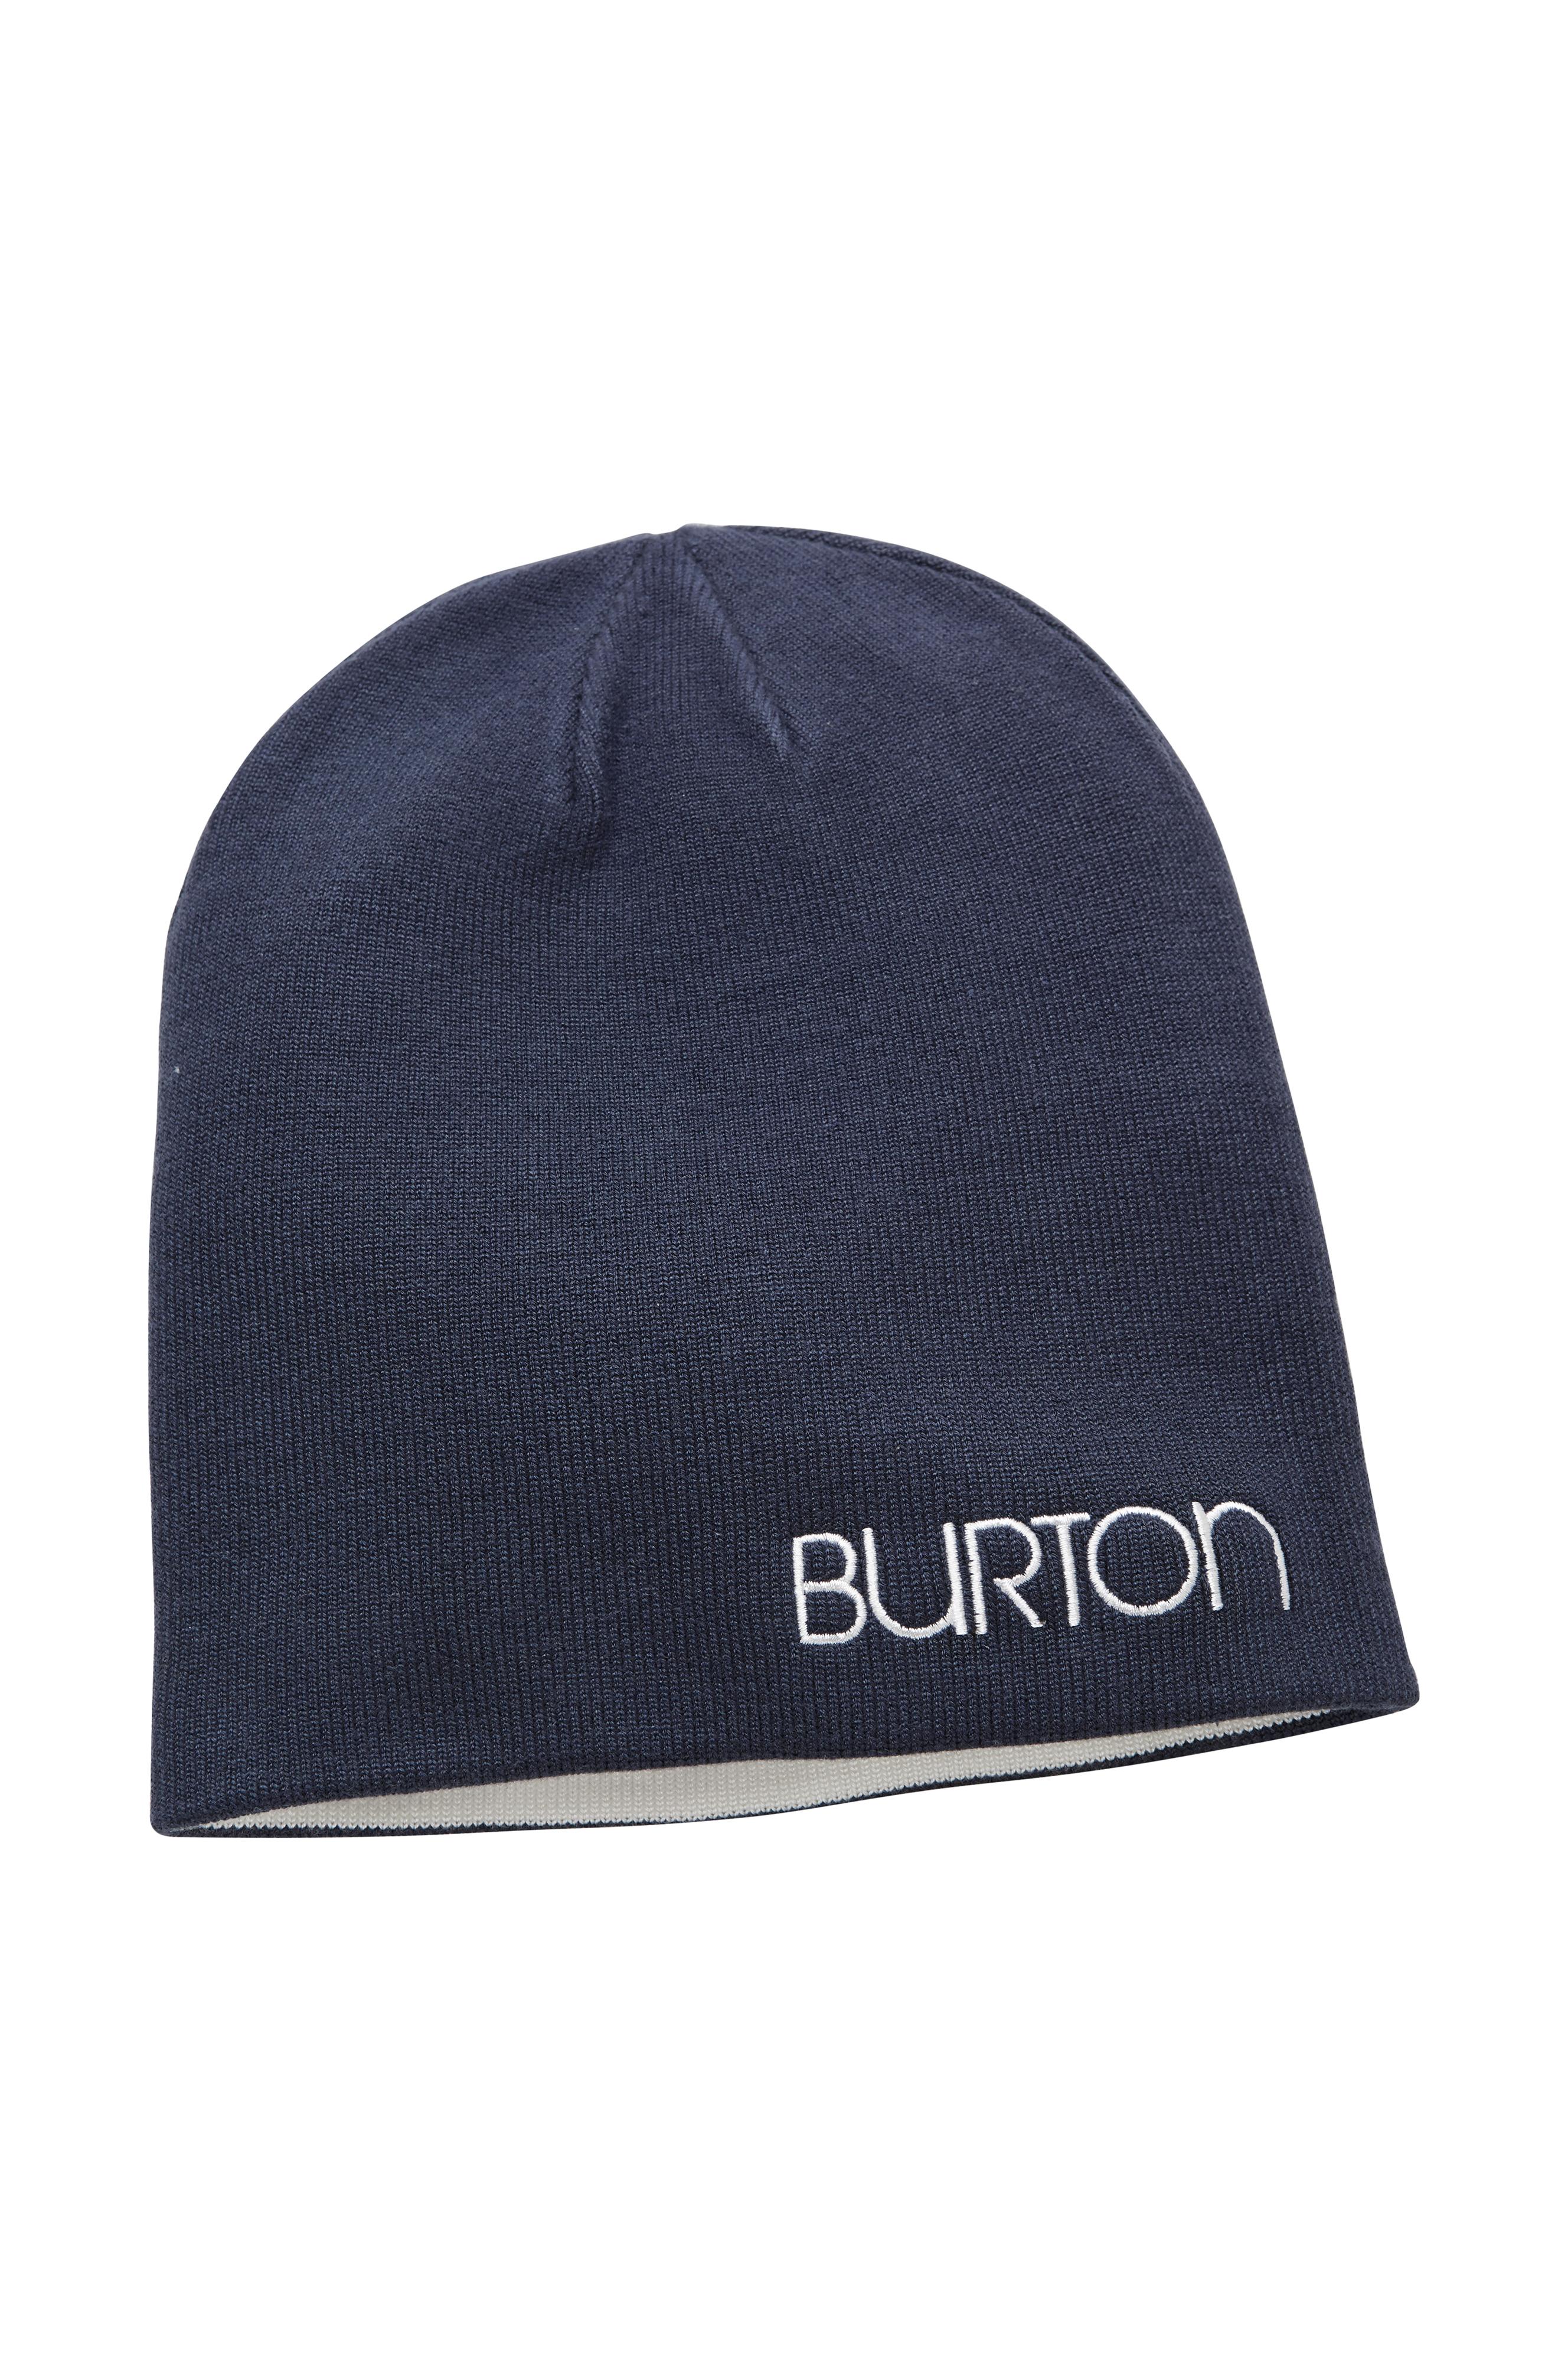 2401fdee5db Burton Mössa Belle beanie vändbar - Blå - Herr - Ellos.se